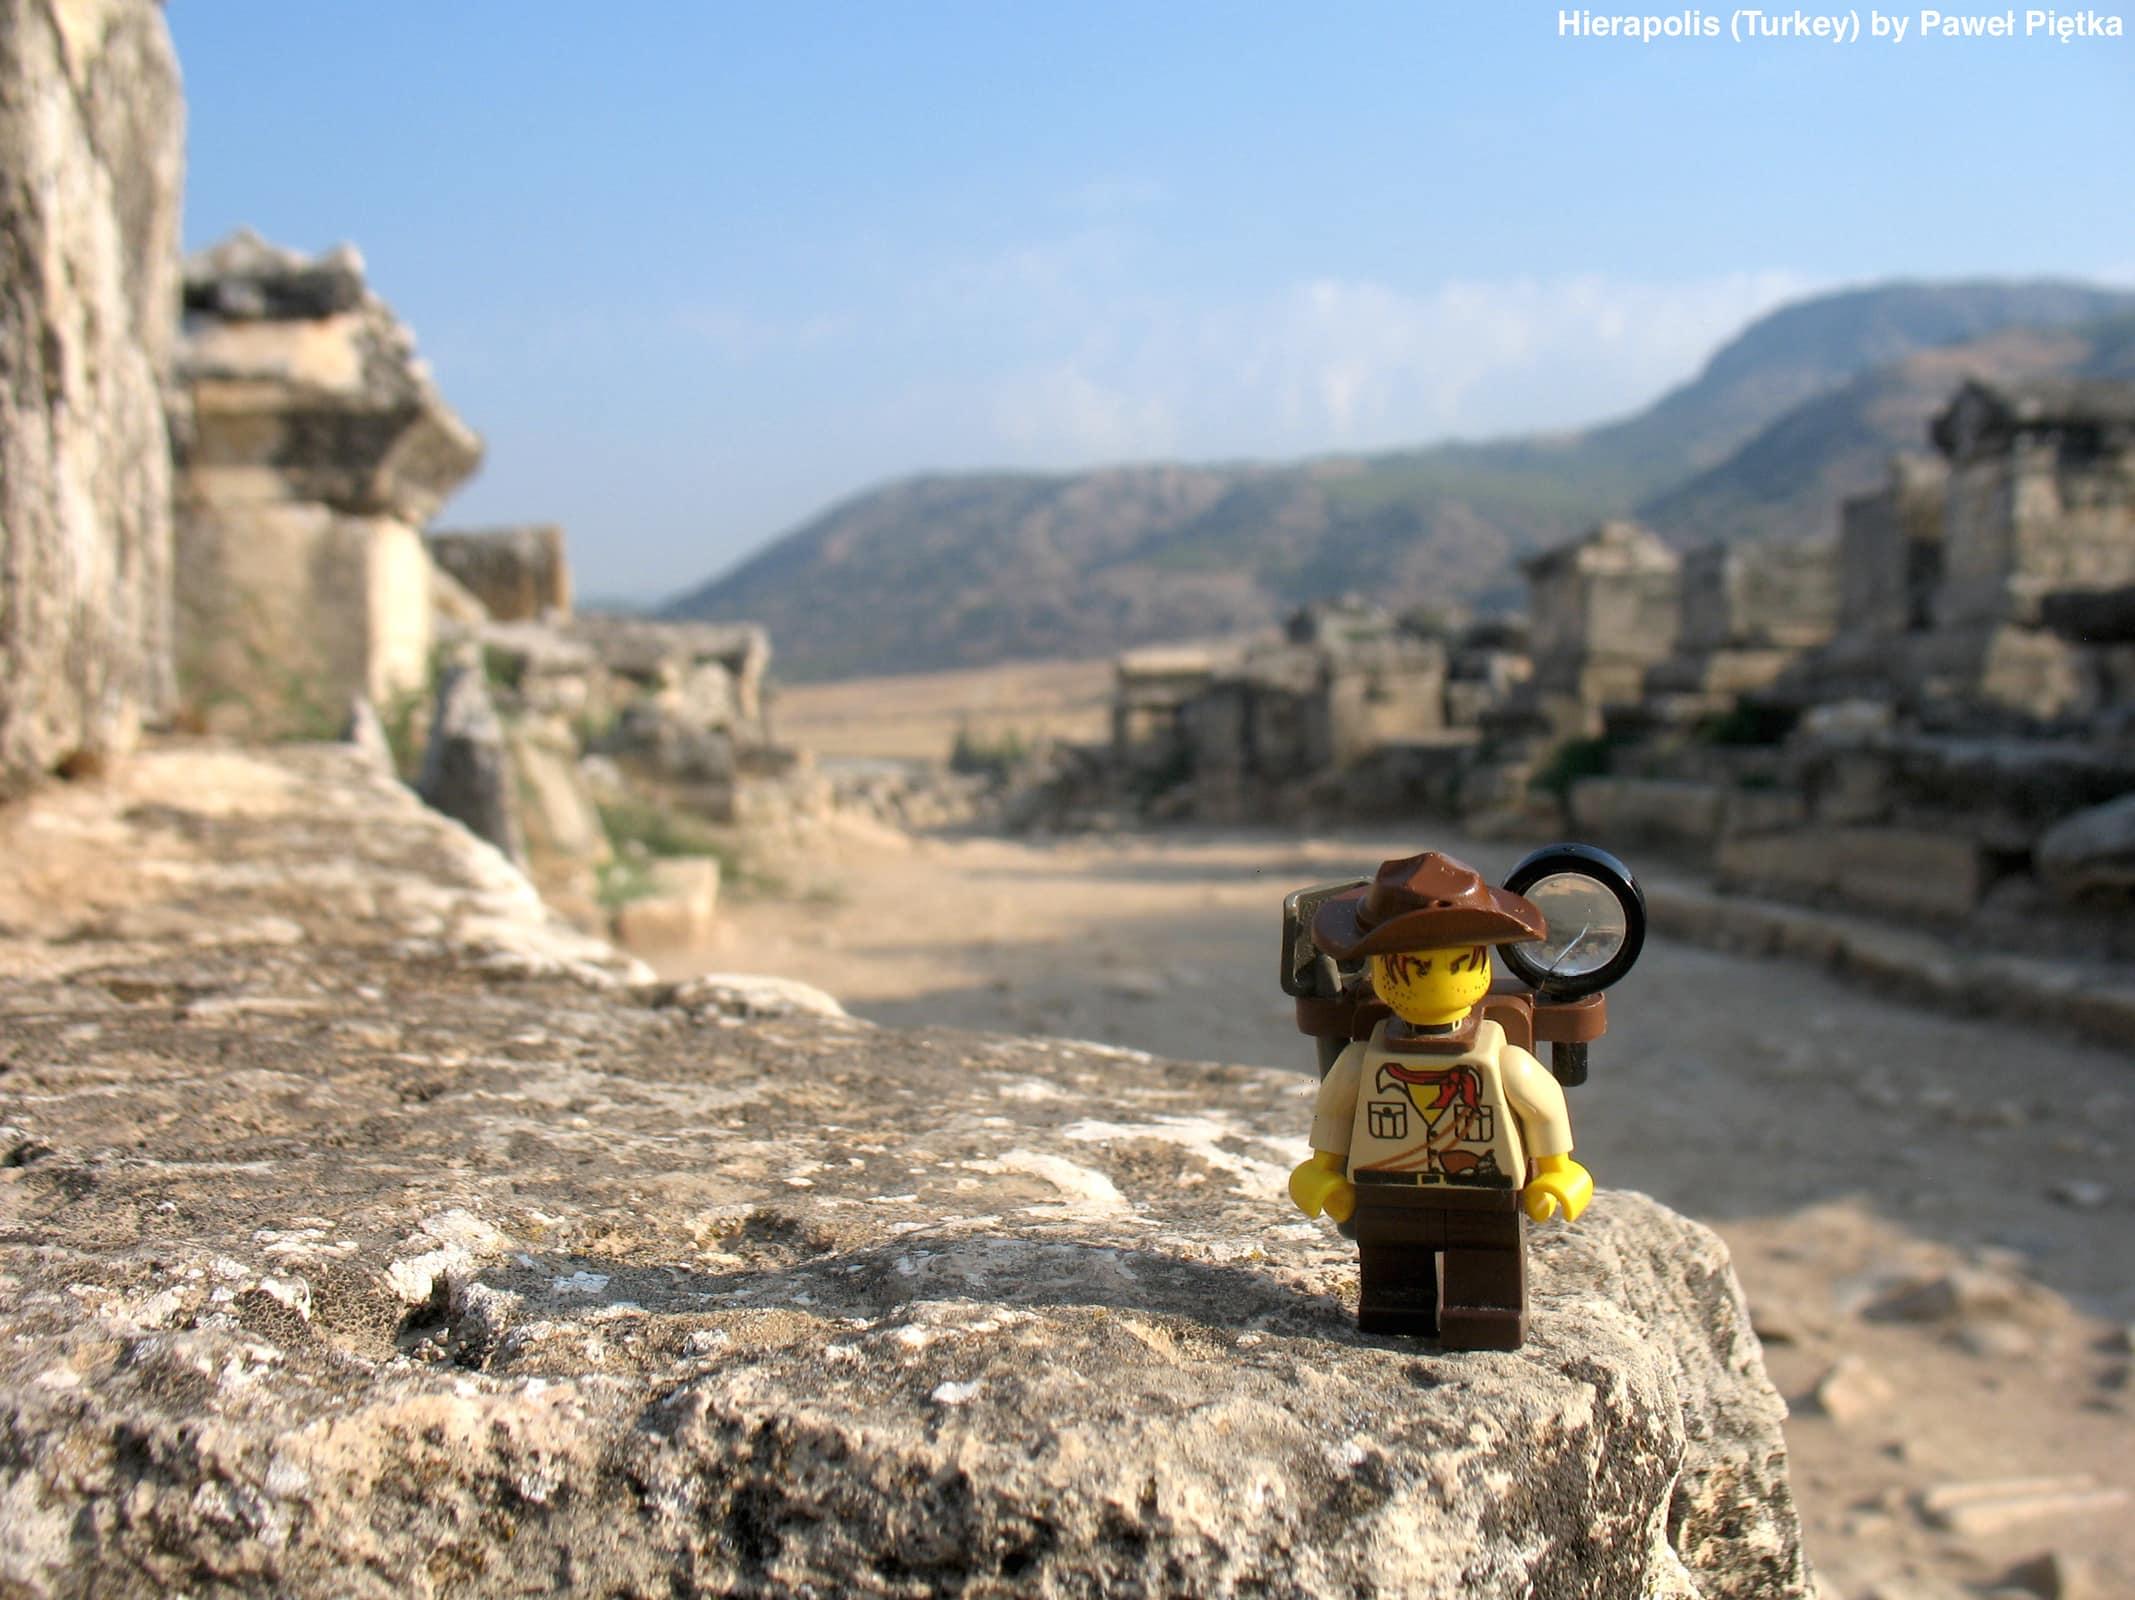 Hierapolis (Turkey) - Ruins 1